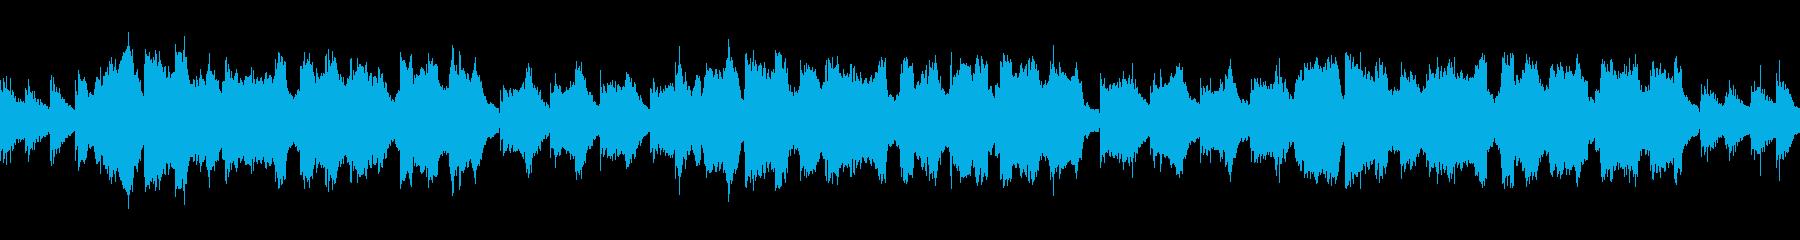 寂しいフルートとアコギの使いやすいループの再生済みの波形